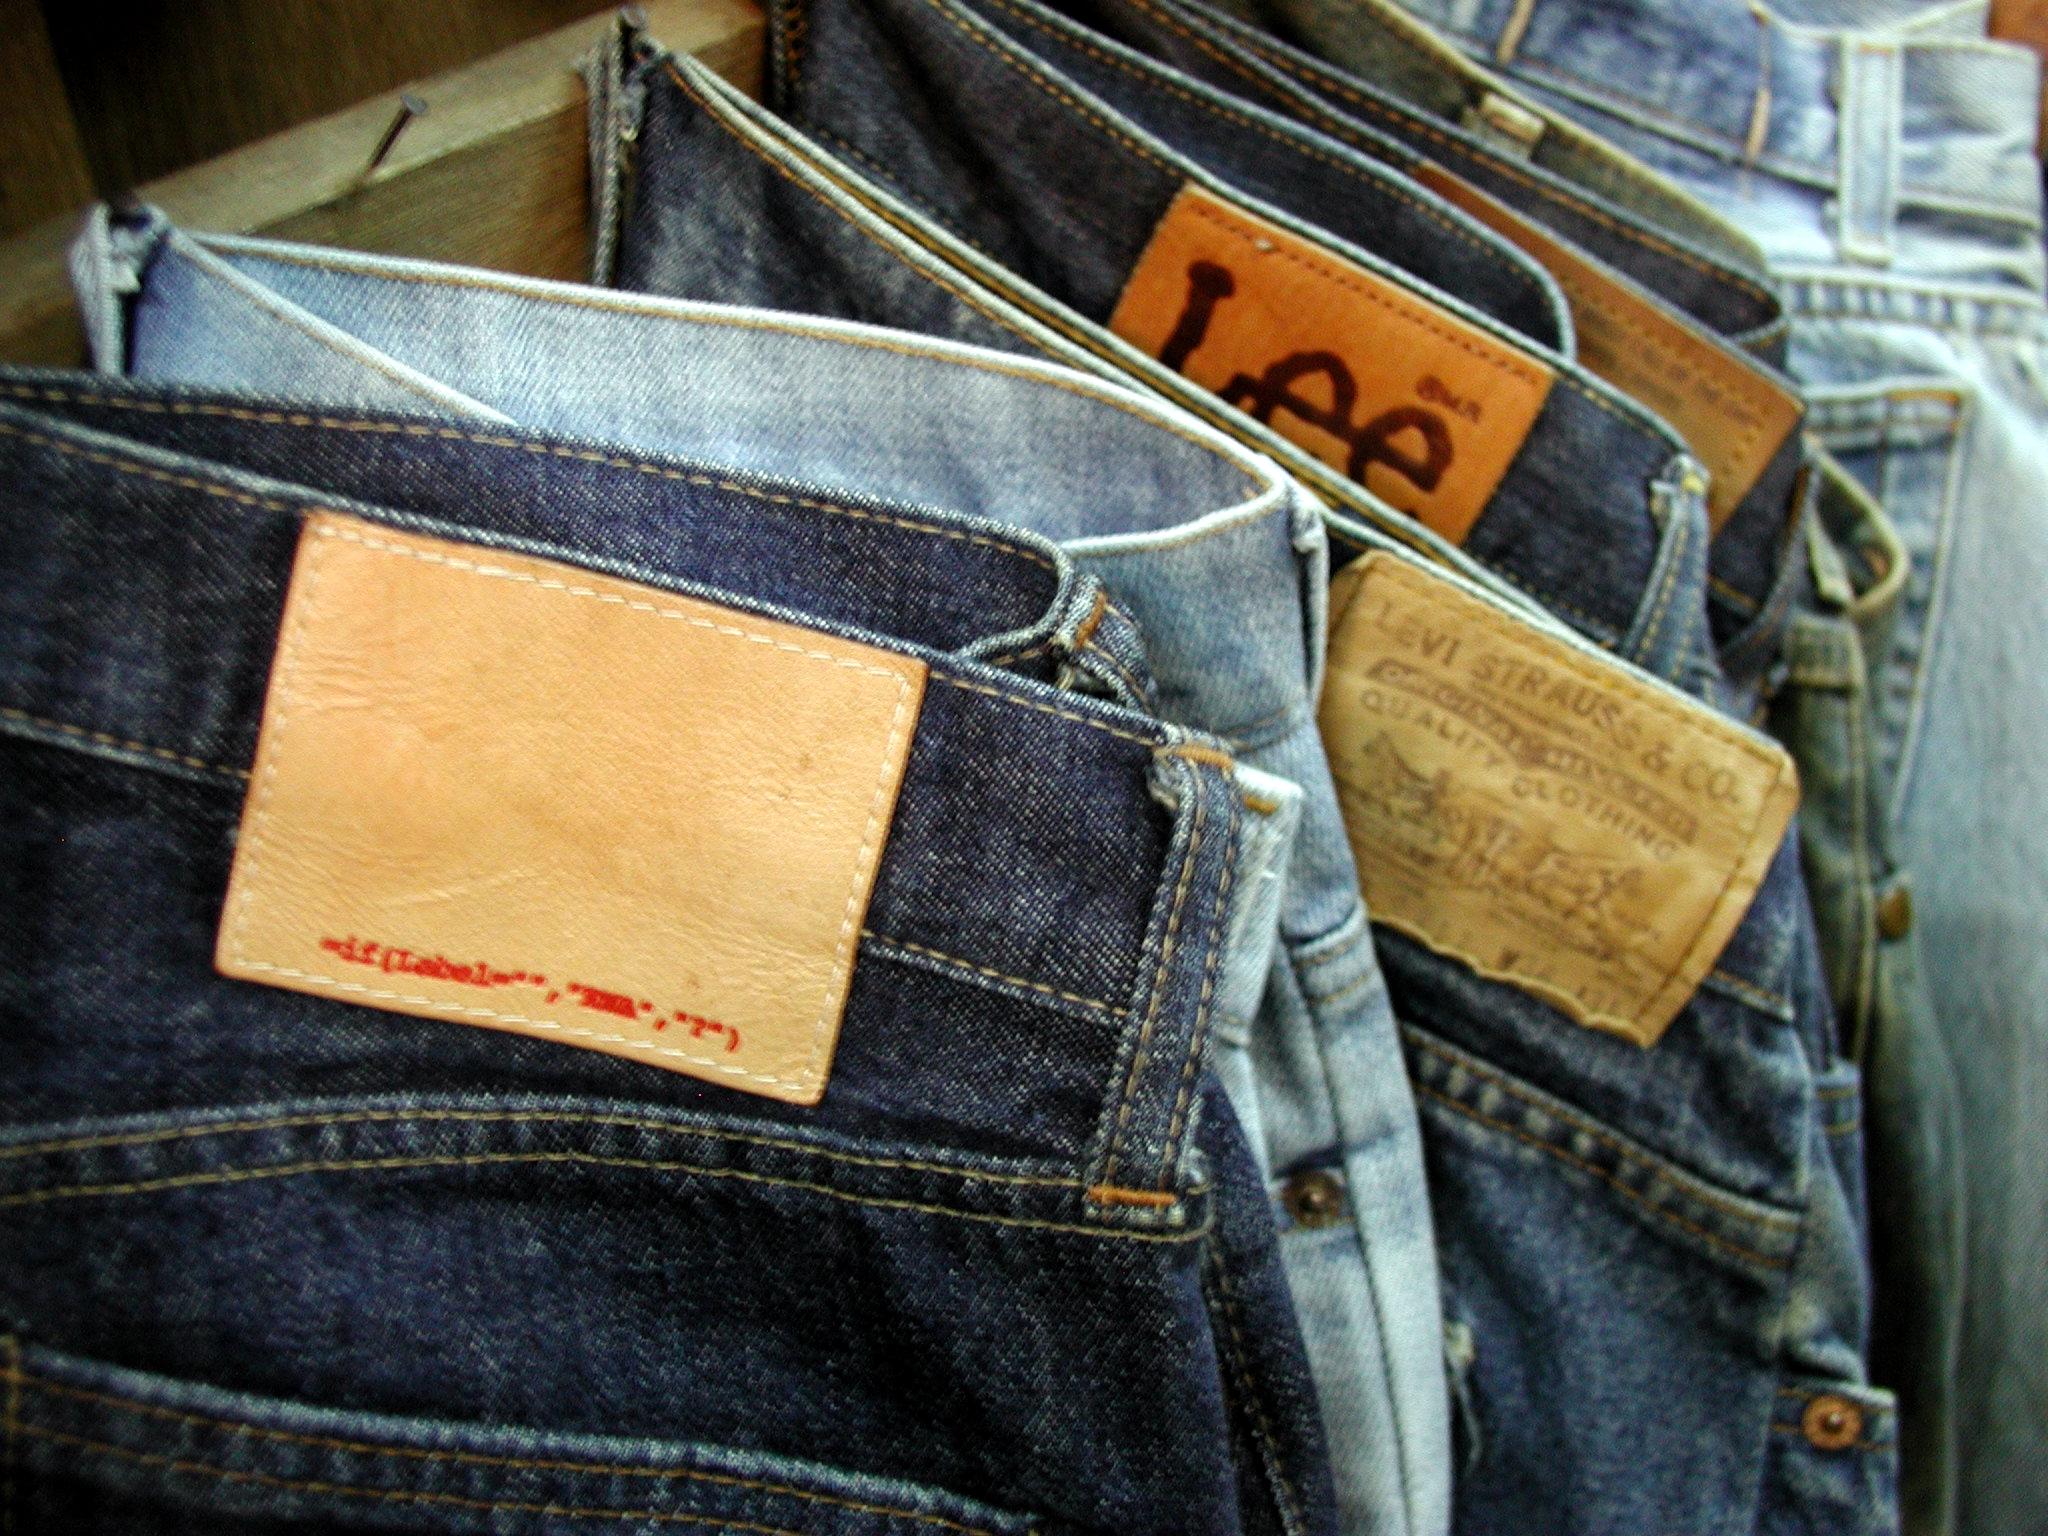 カジュアルコーデの定番!おすすめな人気のジーンズ~4選~のサムネイル画像